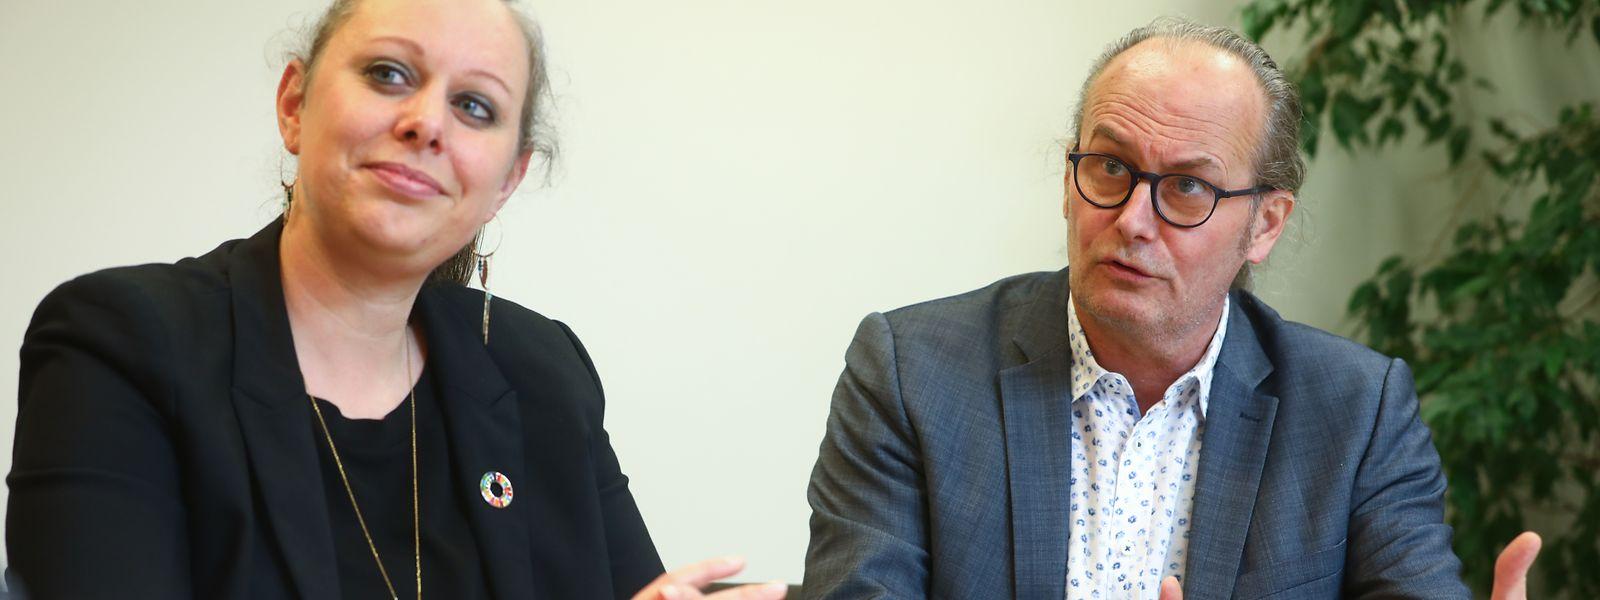 Kein Diktat, sondern Logik der Zeit: Carole Dieschbourg und Claude Turmes über ihre Energie- und Klimapolitik.